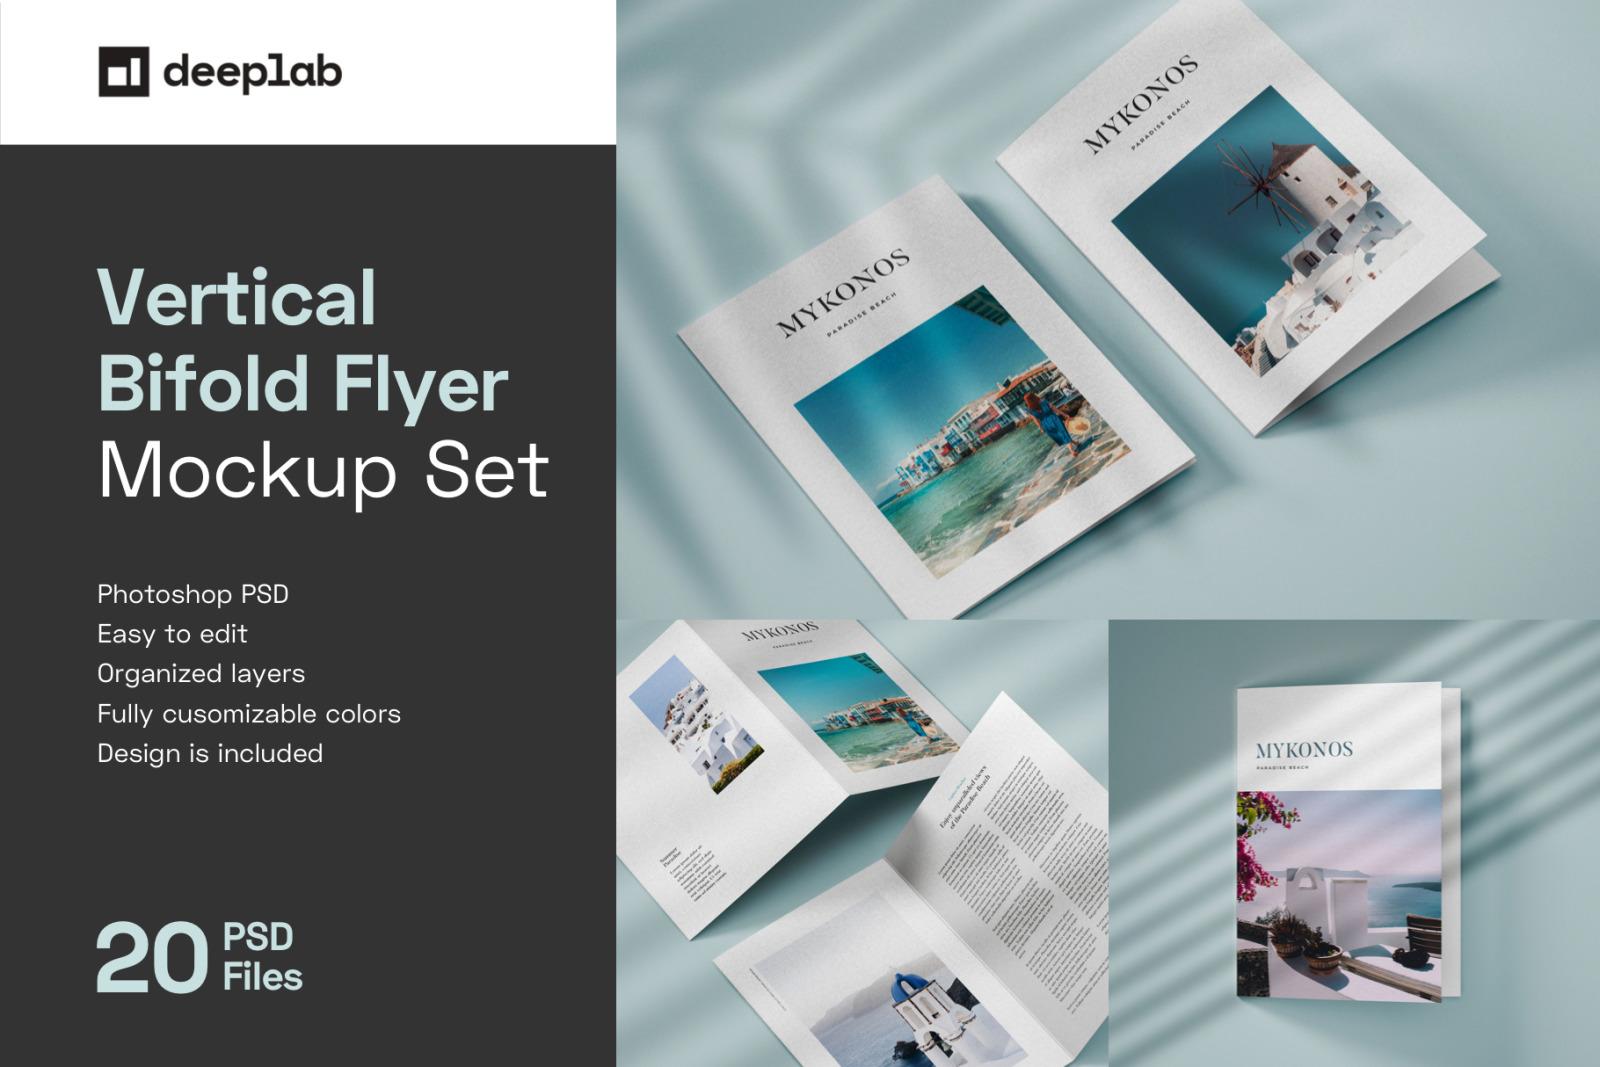 Vertical Bifold Flyer Mockup Set